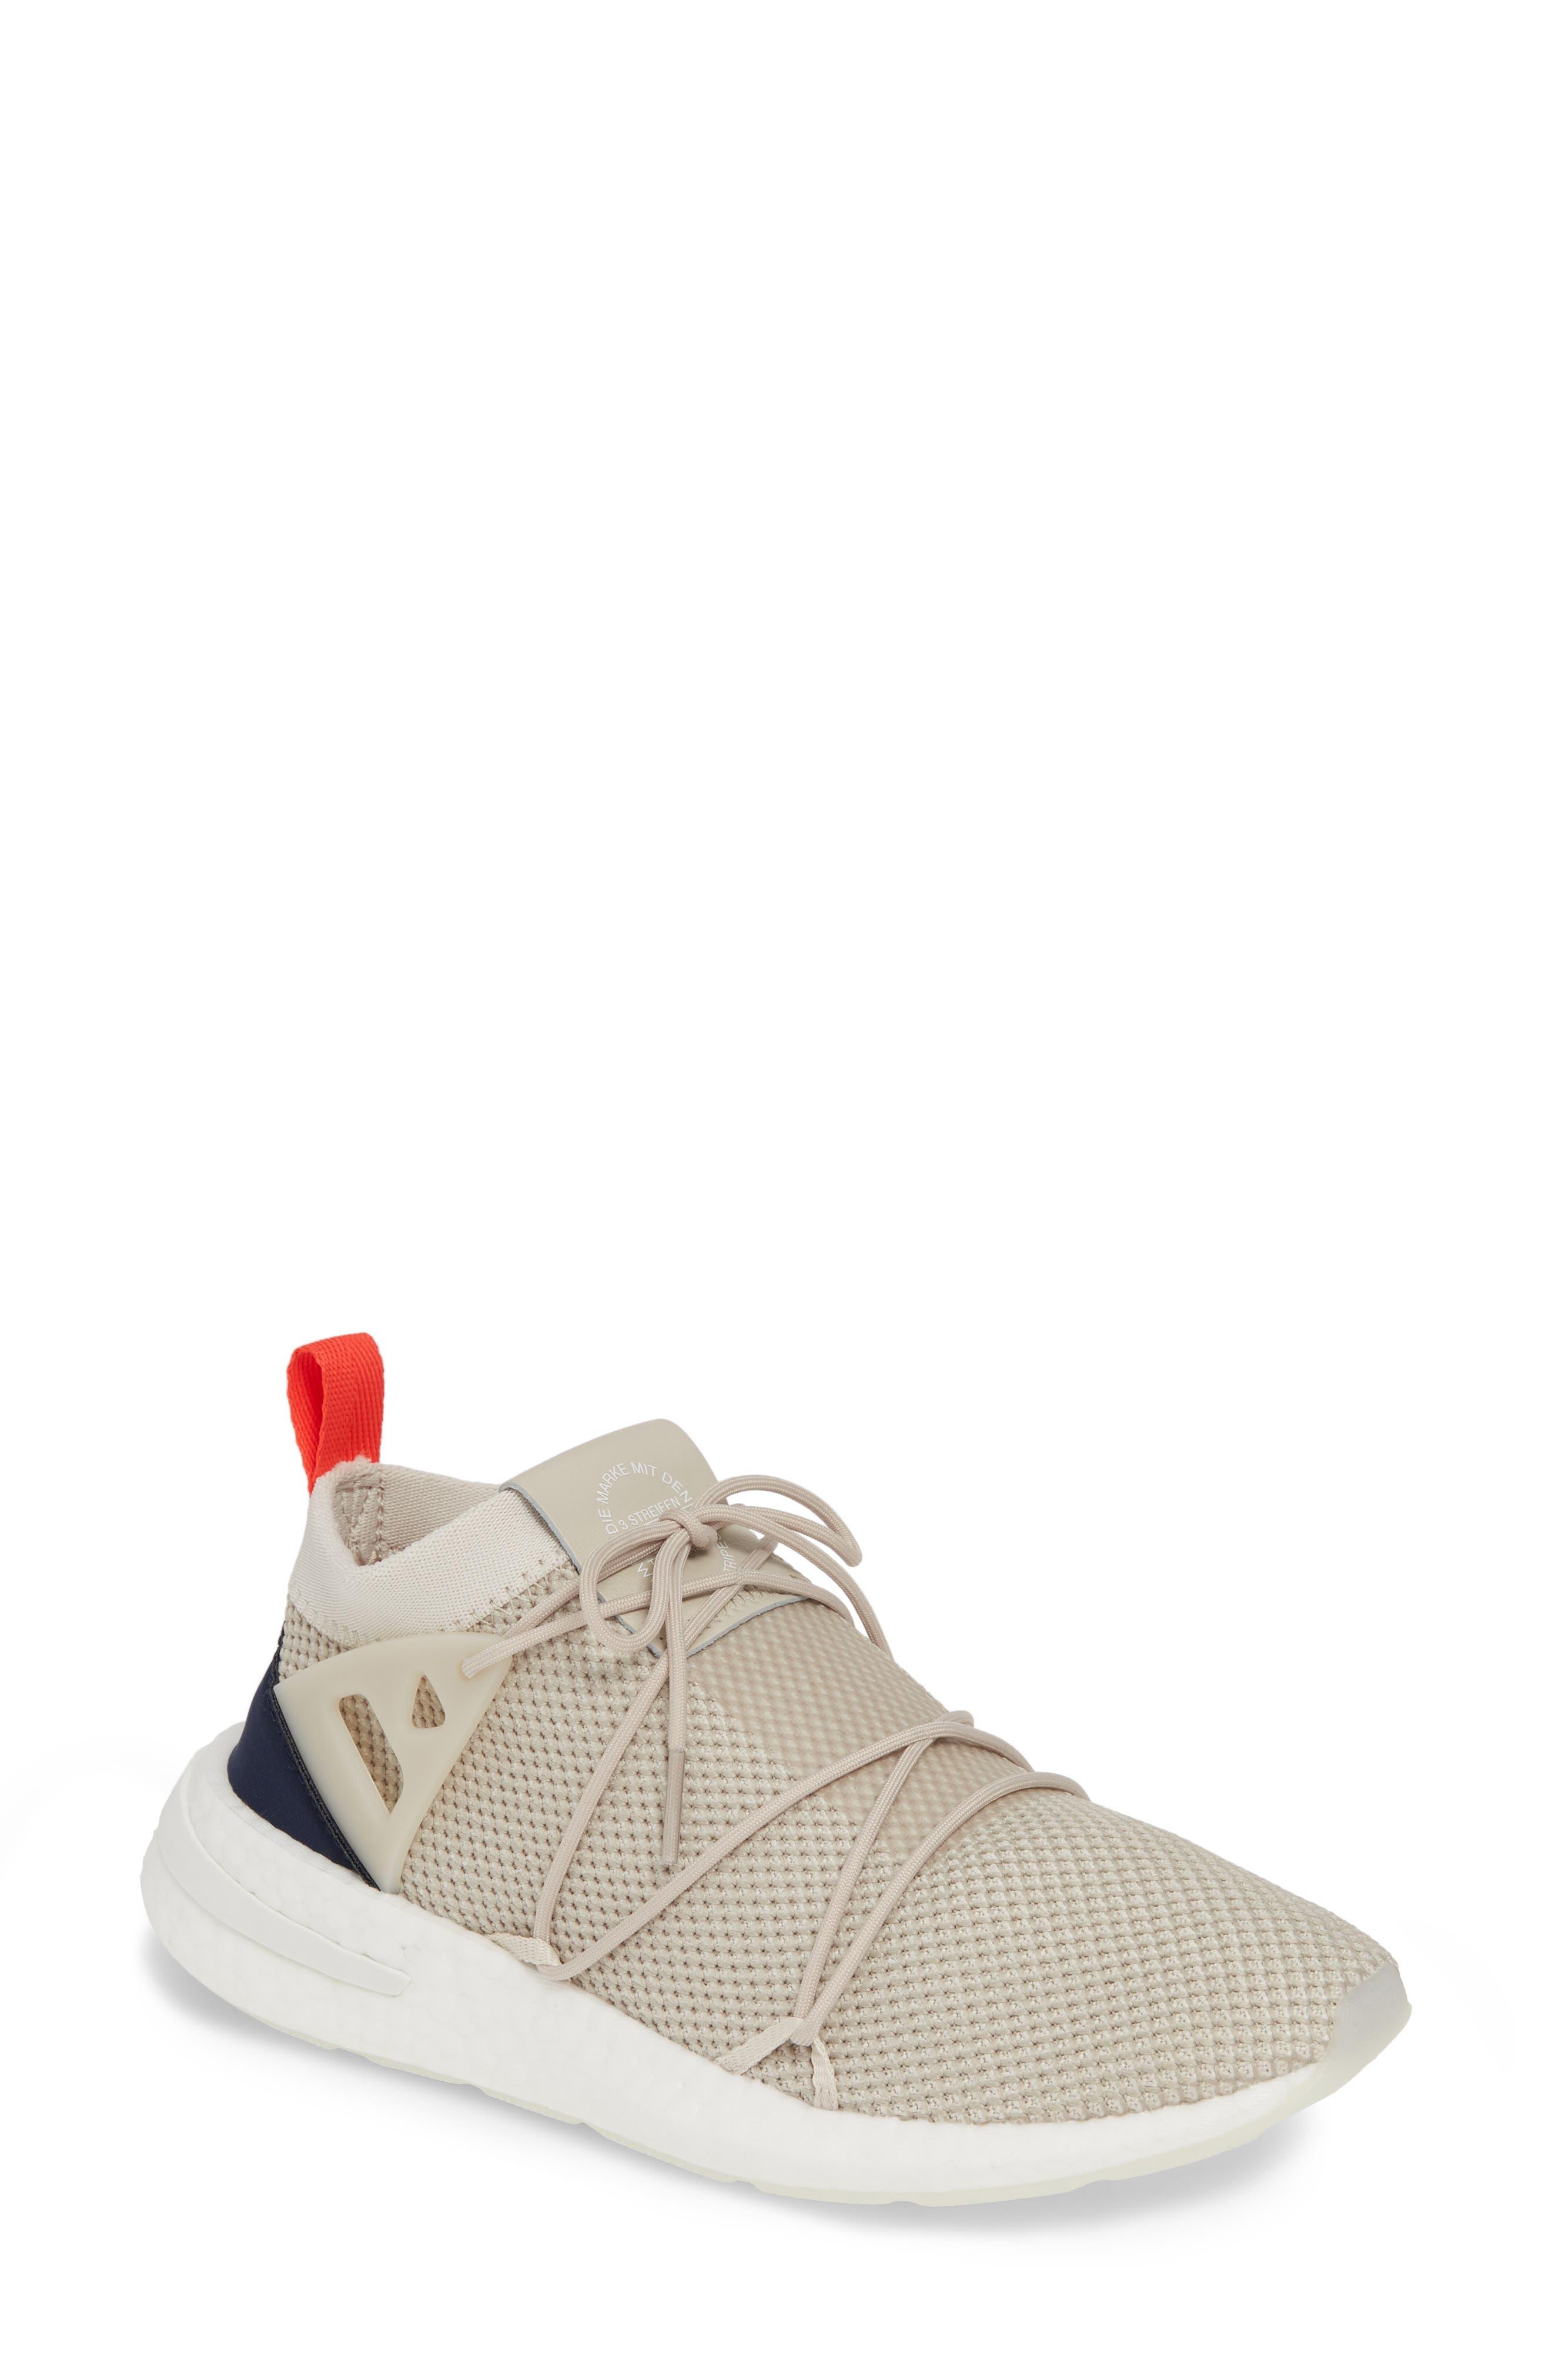 Adidas Arkyn Sneaker, Beige